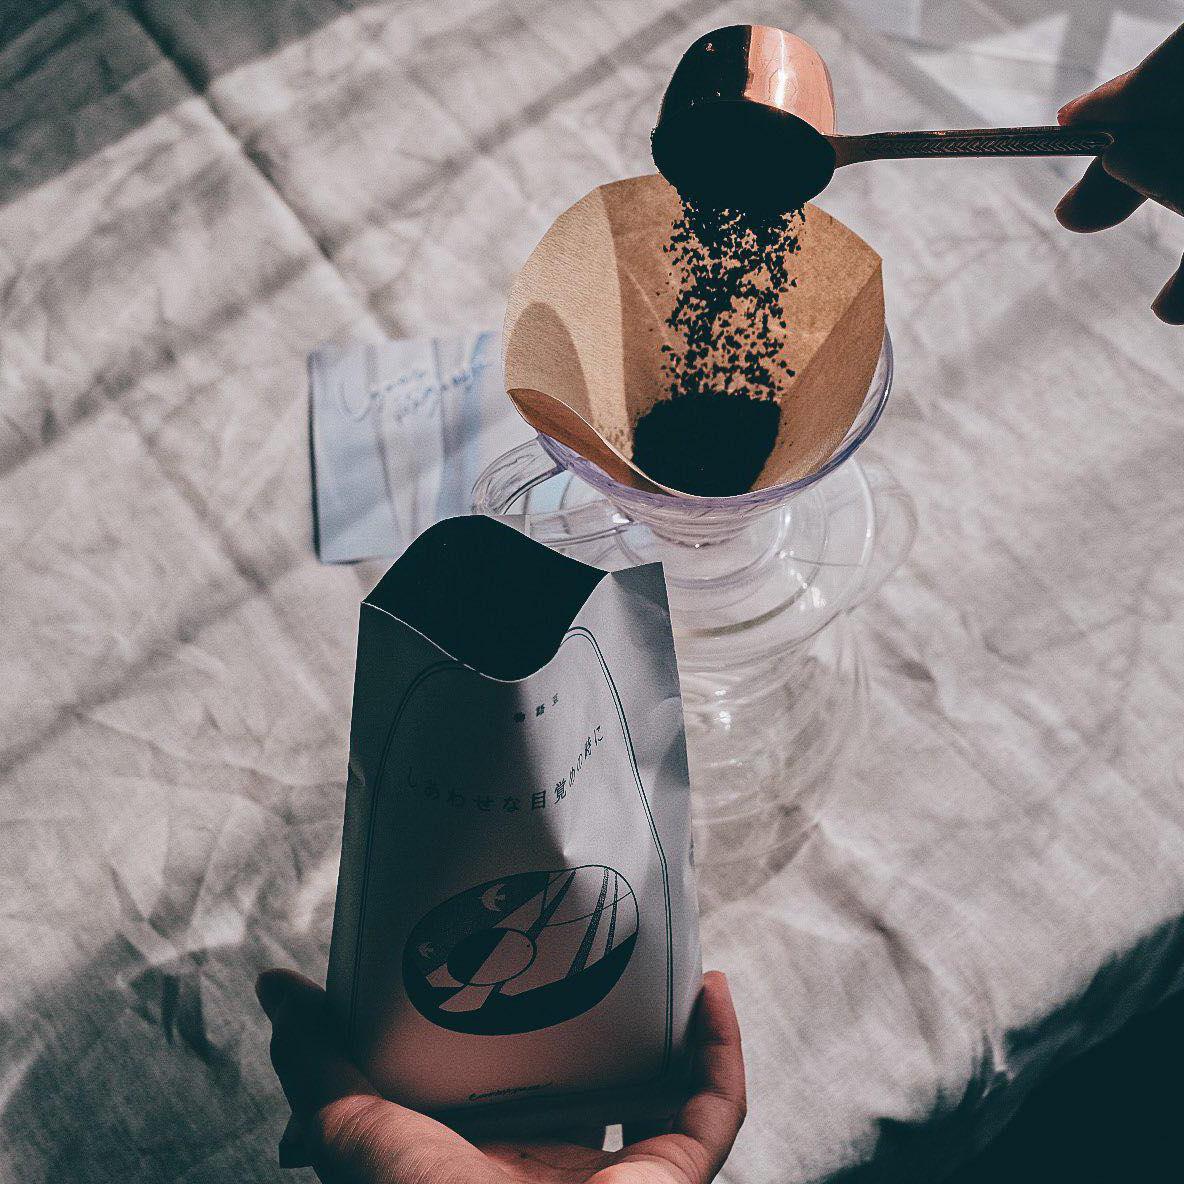 1ヶ月に一度、珈琲と小さなものがたりが届くコーヒーの定期便。今月も届きました。コーヒーを淹れている間は良い香りに包まれたまま、静かな時間が流れます。前回に引き続き、癖がなくとても飲みやすくて美味しいブレンドコーヒーでした。